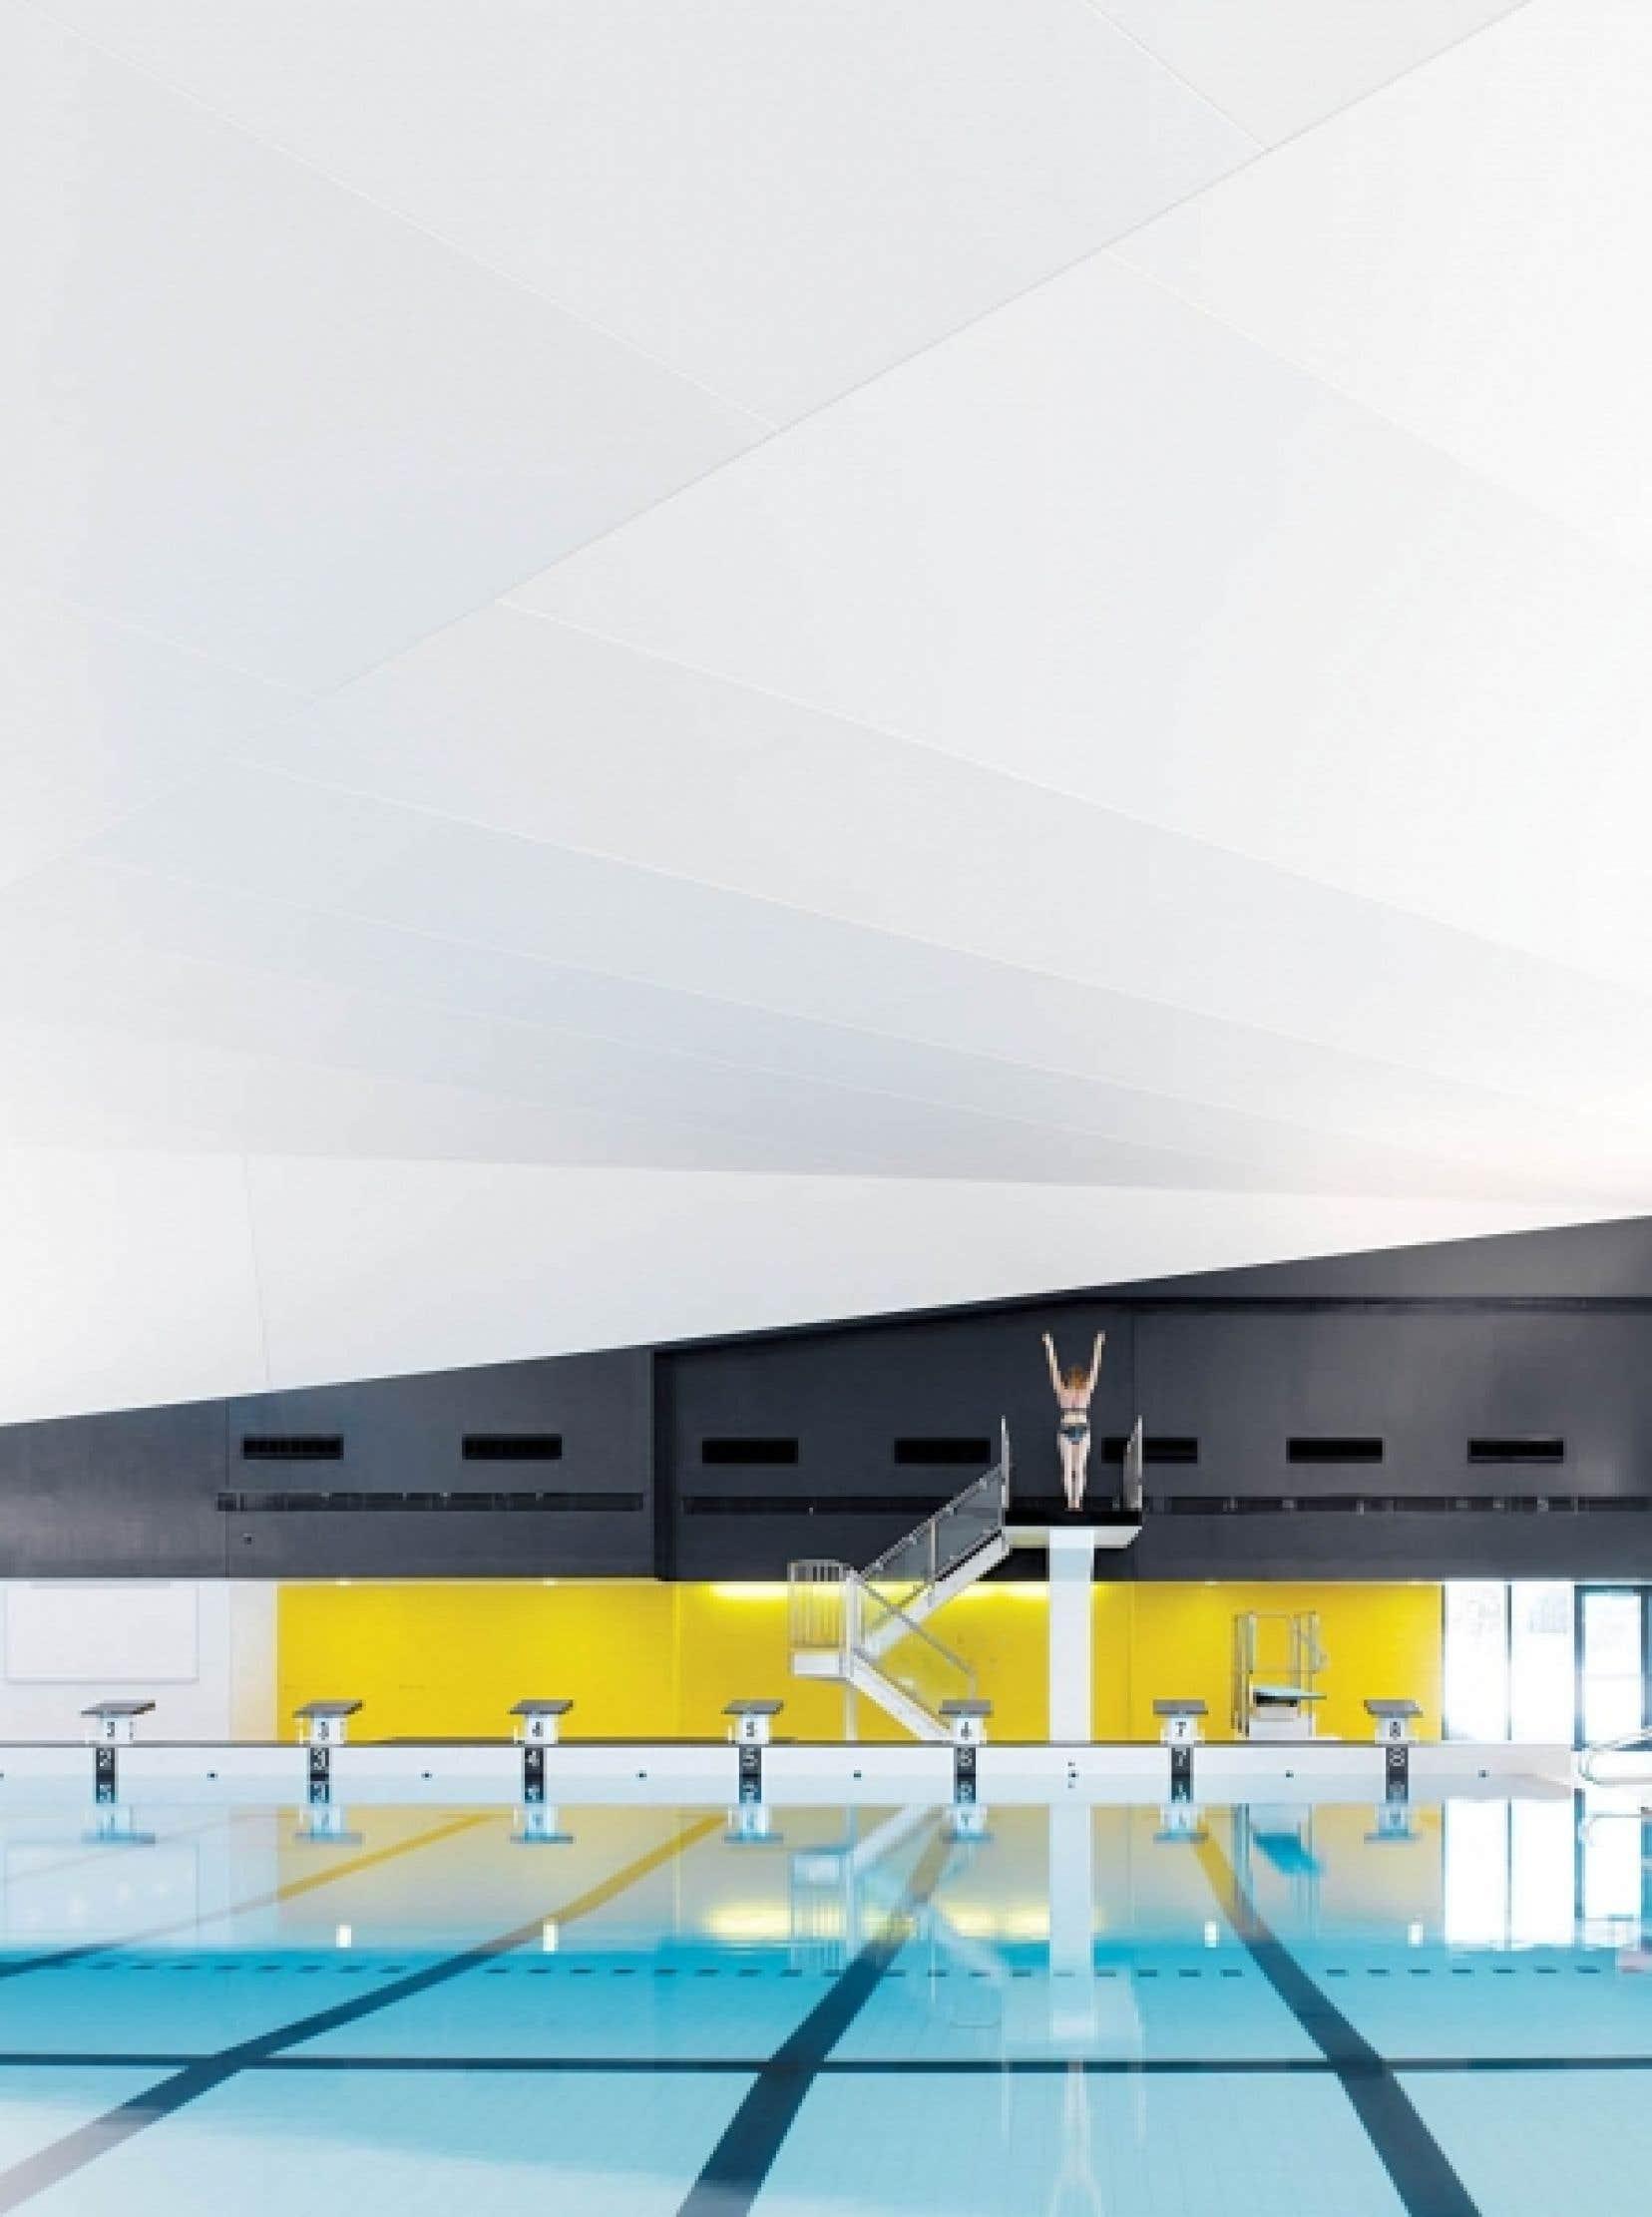 L'idée d'un nouveau Centre récréo-aquatique pour Saint-Hyacinthe circulait depuis huit ans. Plusieurs architectes ont été approchés et la population a même été sondée sur ses besoins et attentes.<br />